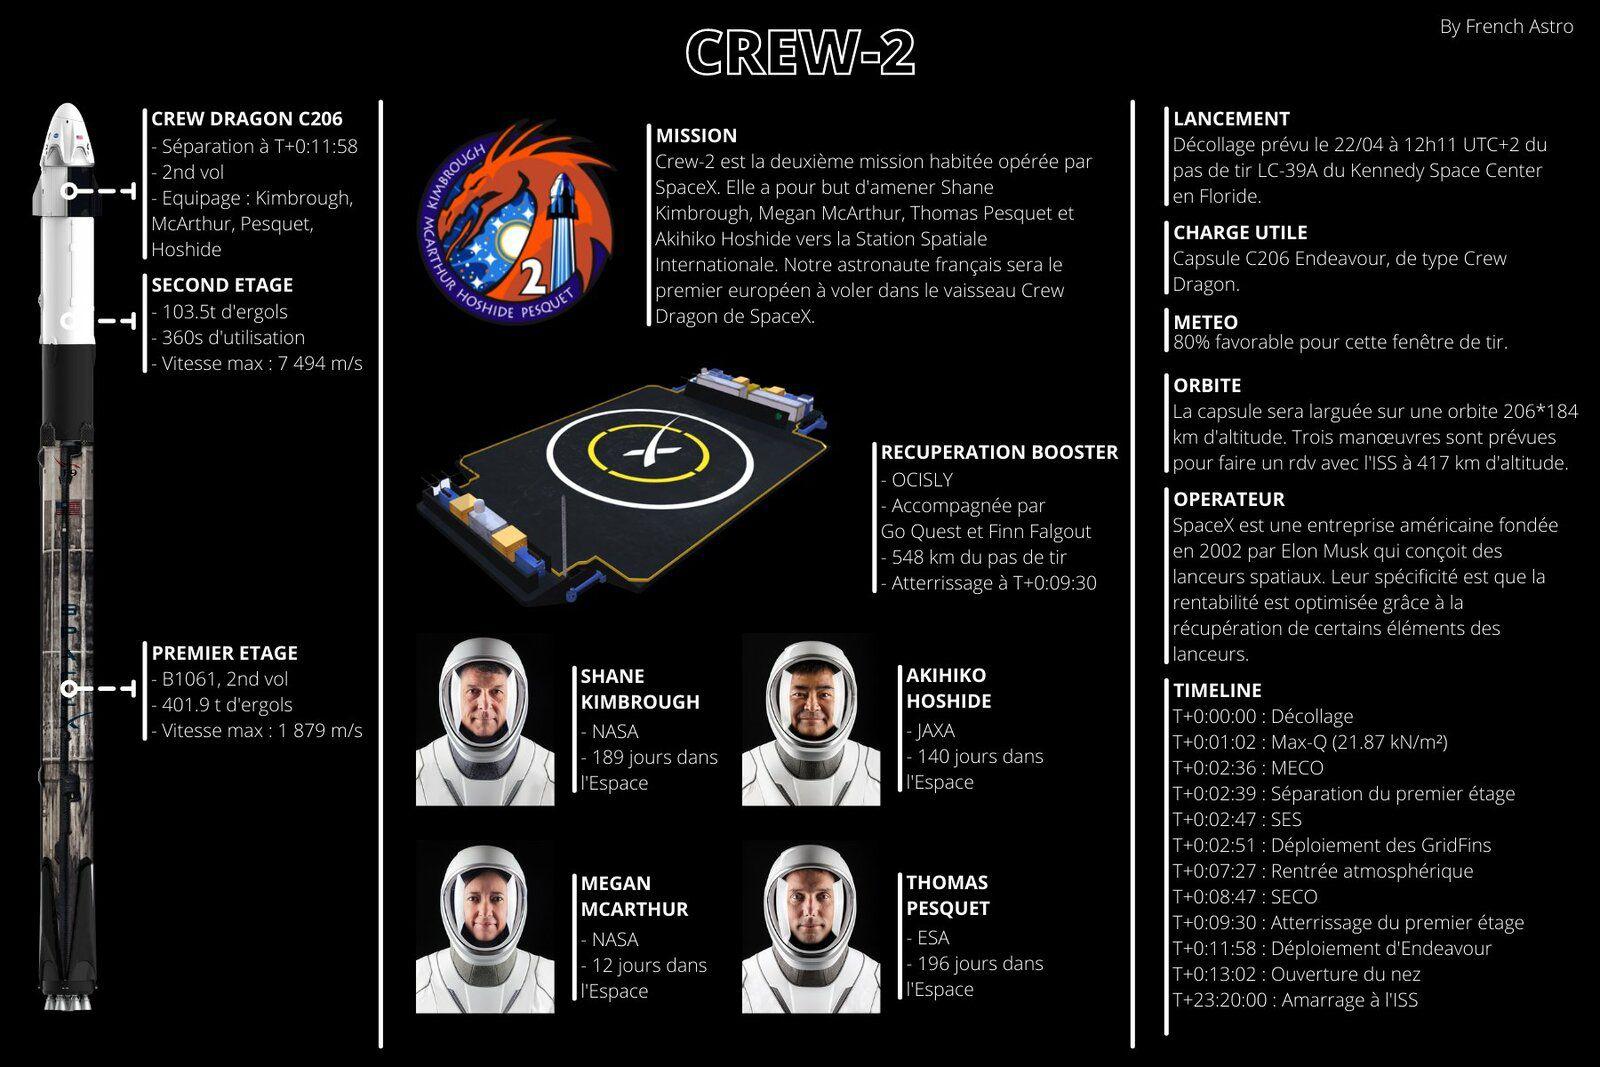 Thomas Pesquet et ses copains de vol en orbite